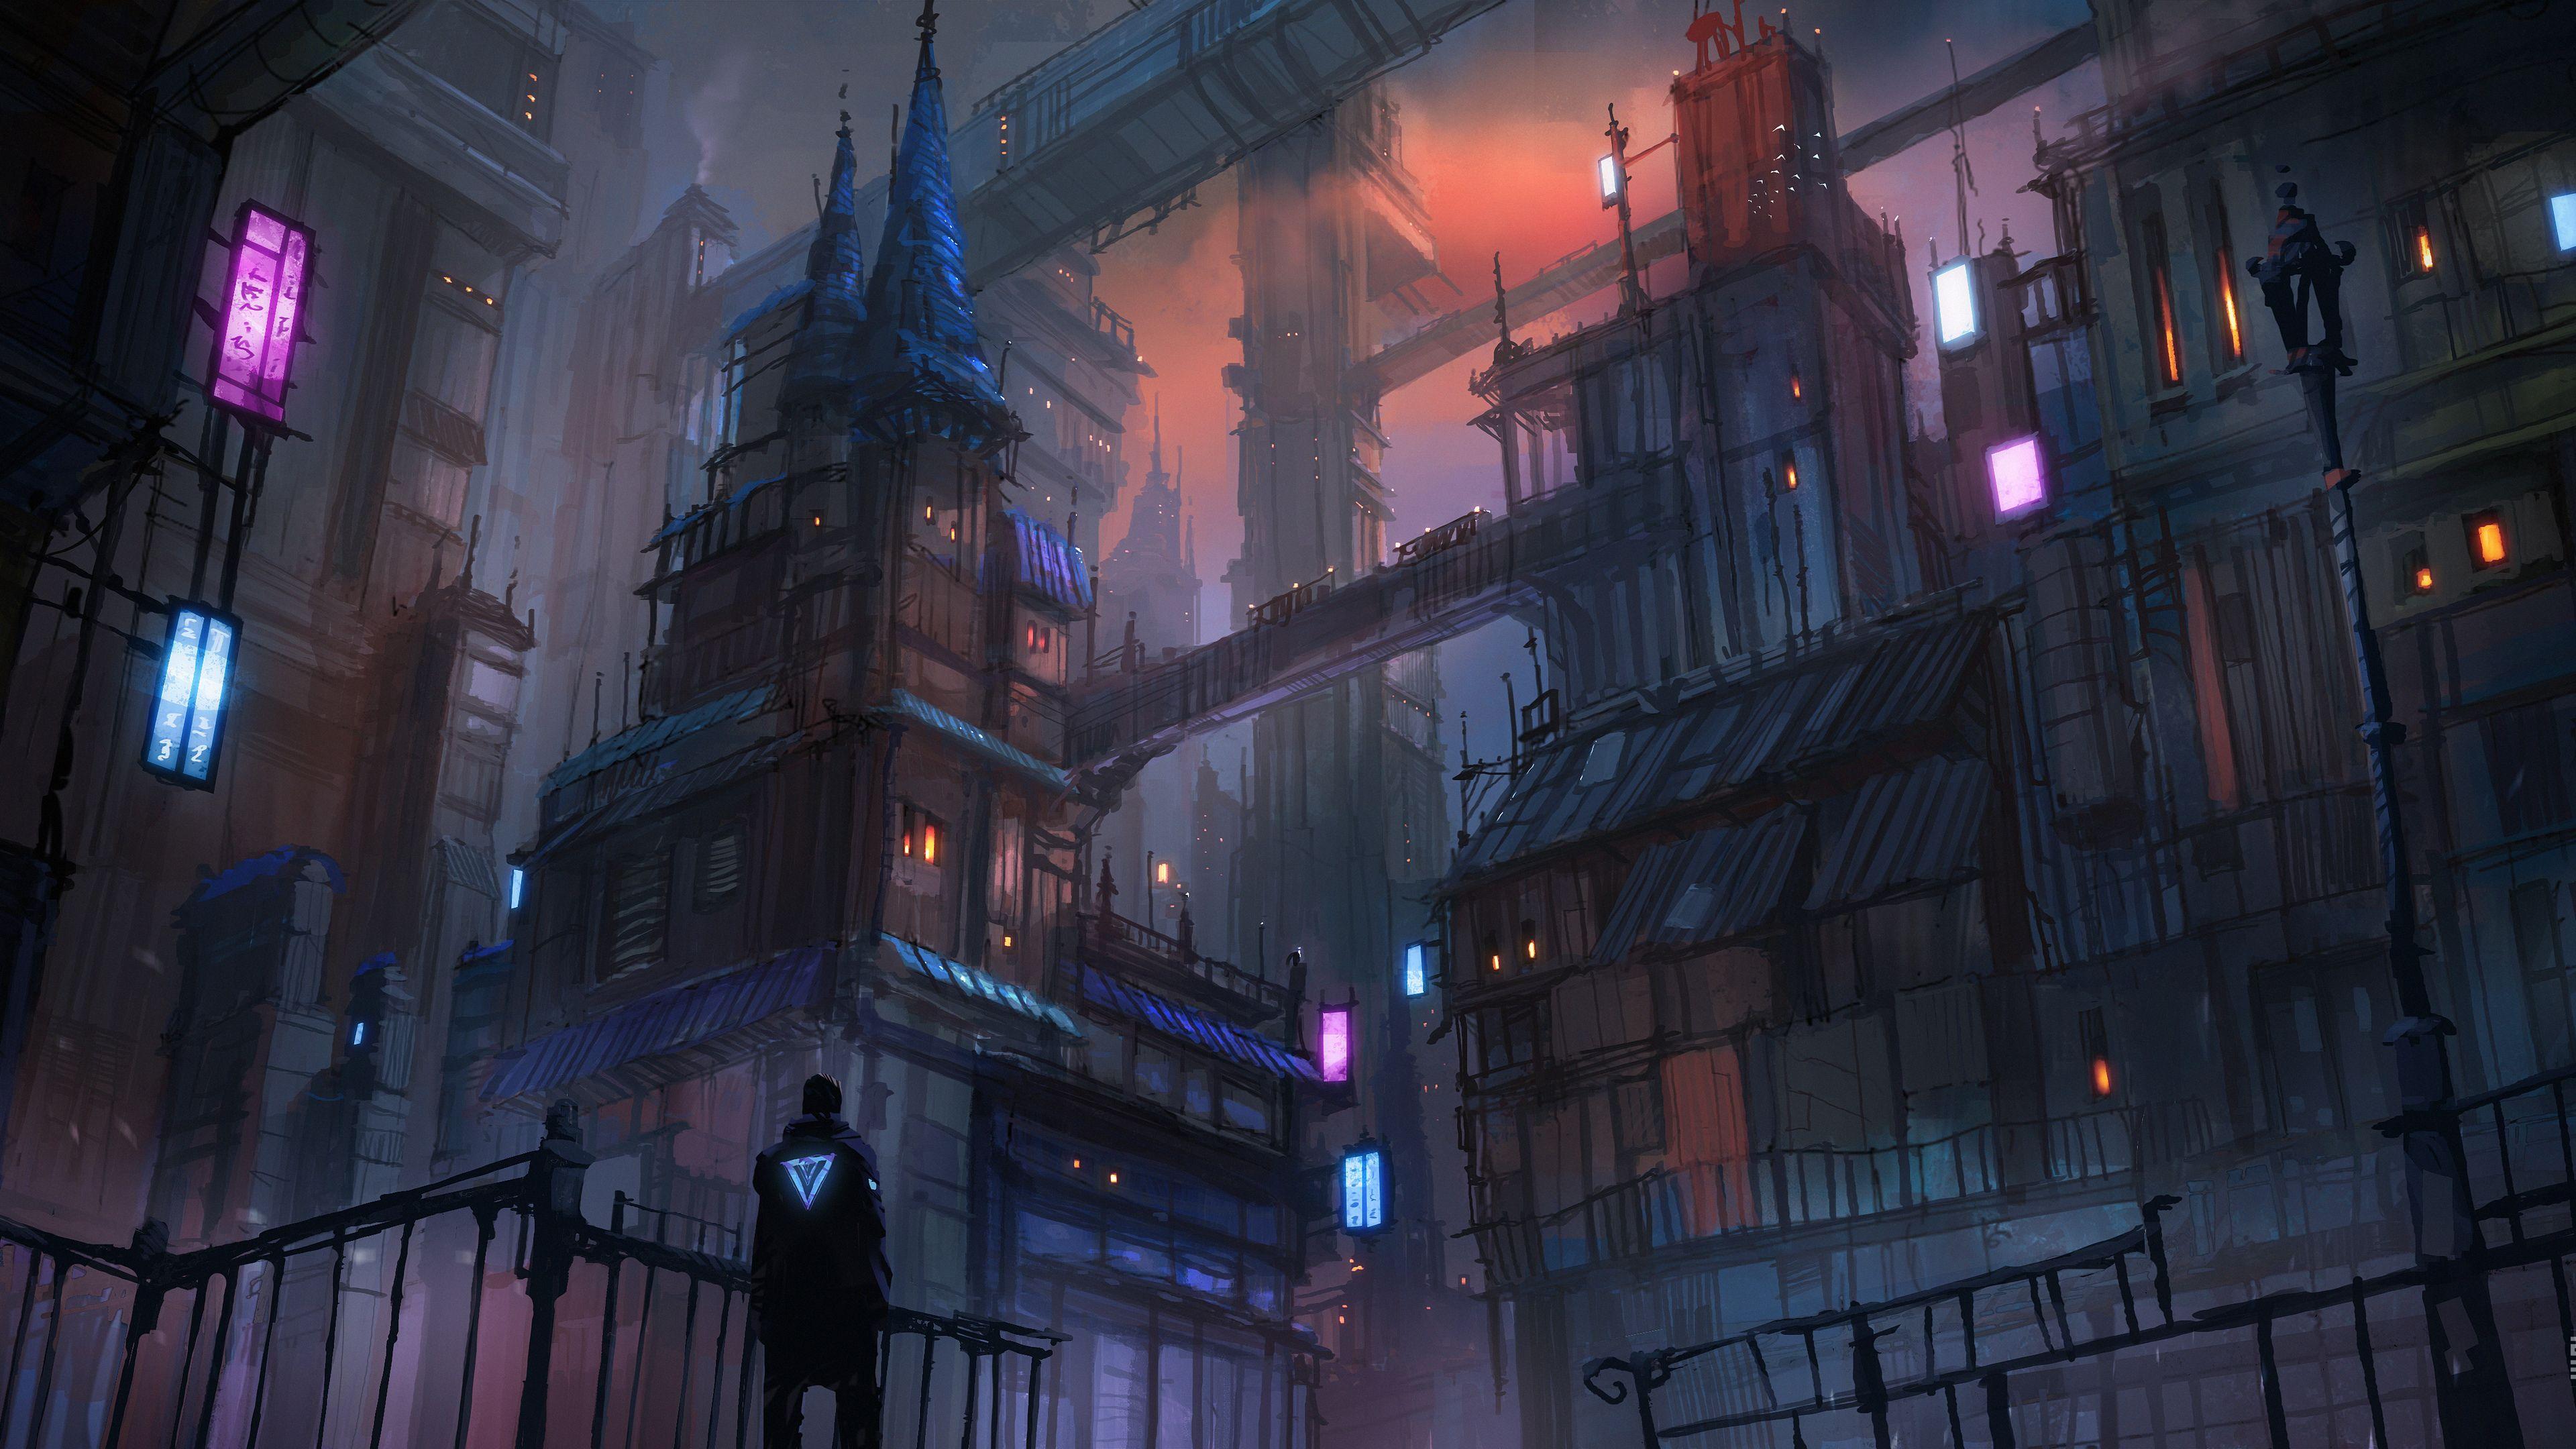 Cyberpunk City Evening Mood 4k Hd Wallpapers Digital Art Wallpapers Deviantart Wallpapers Cyberpunk Wallpapers Ci In 2020 City Wallpaper Cyberpunk City Digital Art